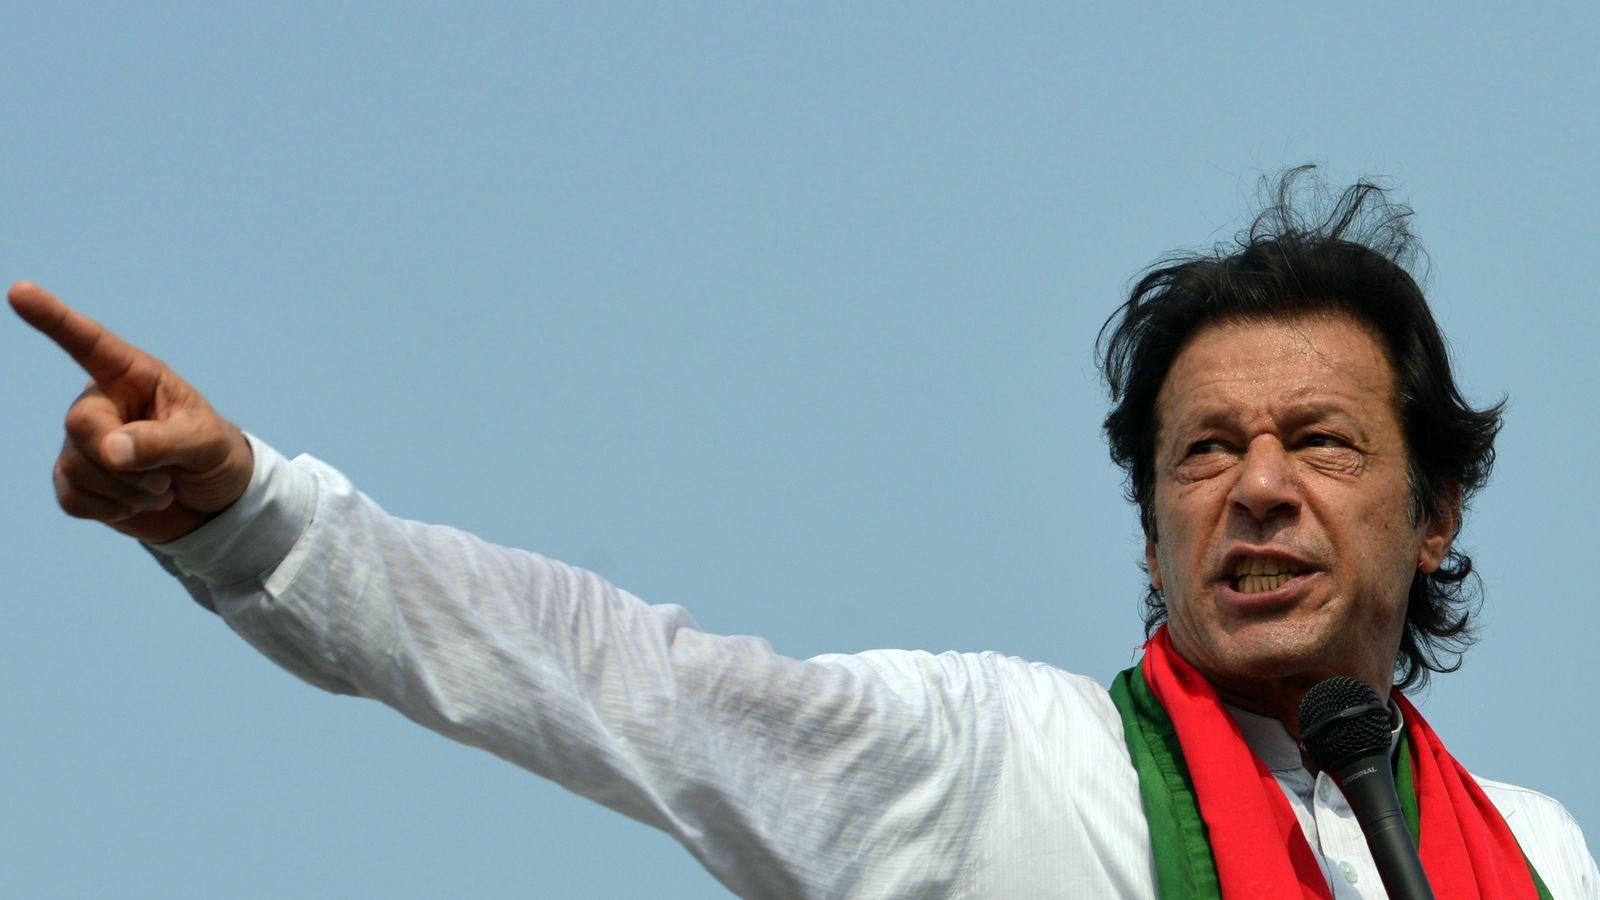 عمران خان از مشهد تا تهران| پاکستان به دنبال میانجیگری و بهبود رابطه تهران- ریاض؟